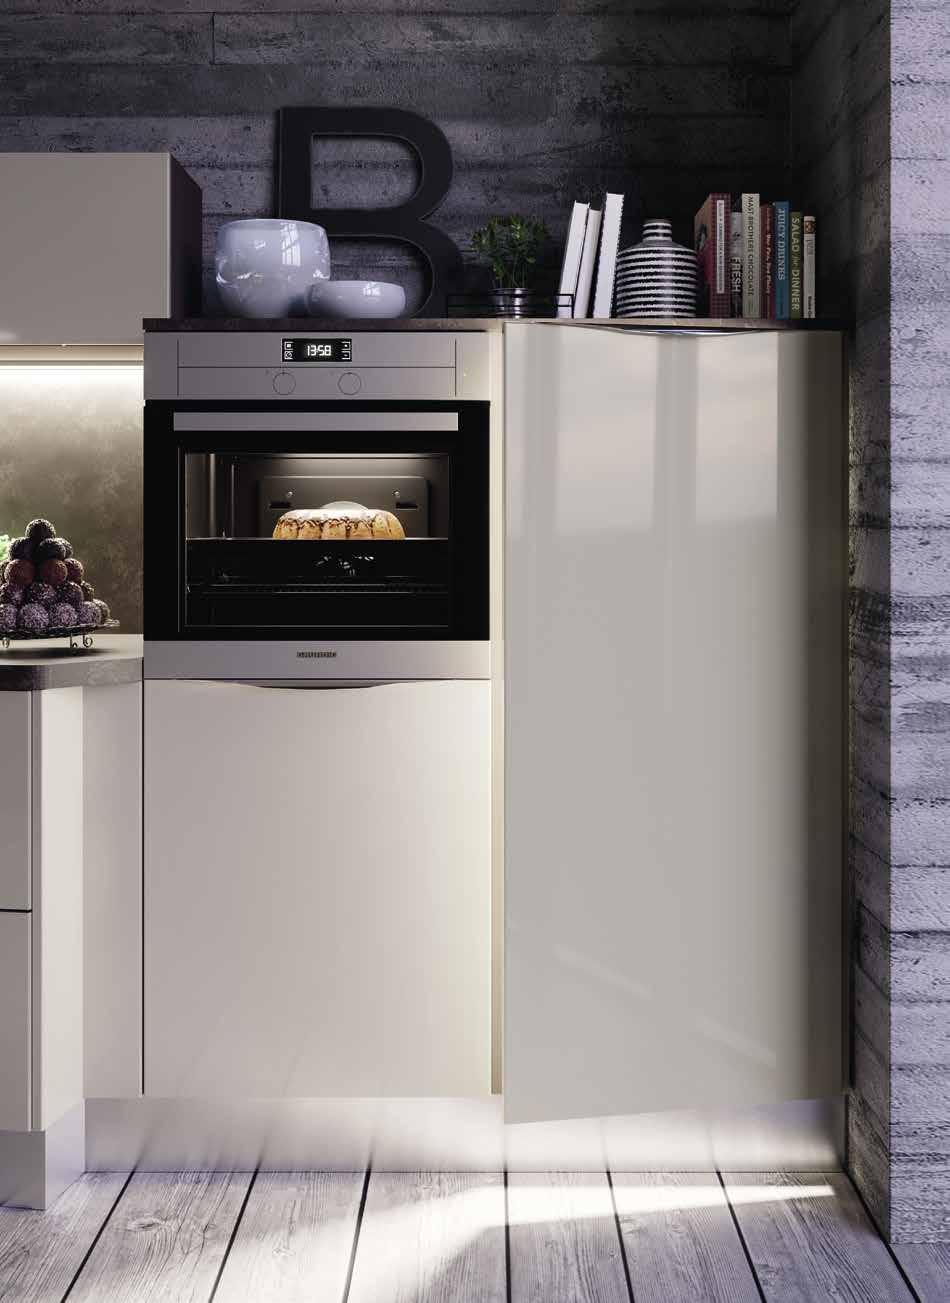 Κουζινα σε γκρι γυαλιστερο dorian με διαγωνια τοποθετηση πολυμορφικου σχεδιασμου για εξτρα παγκο